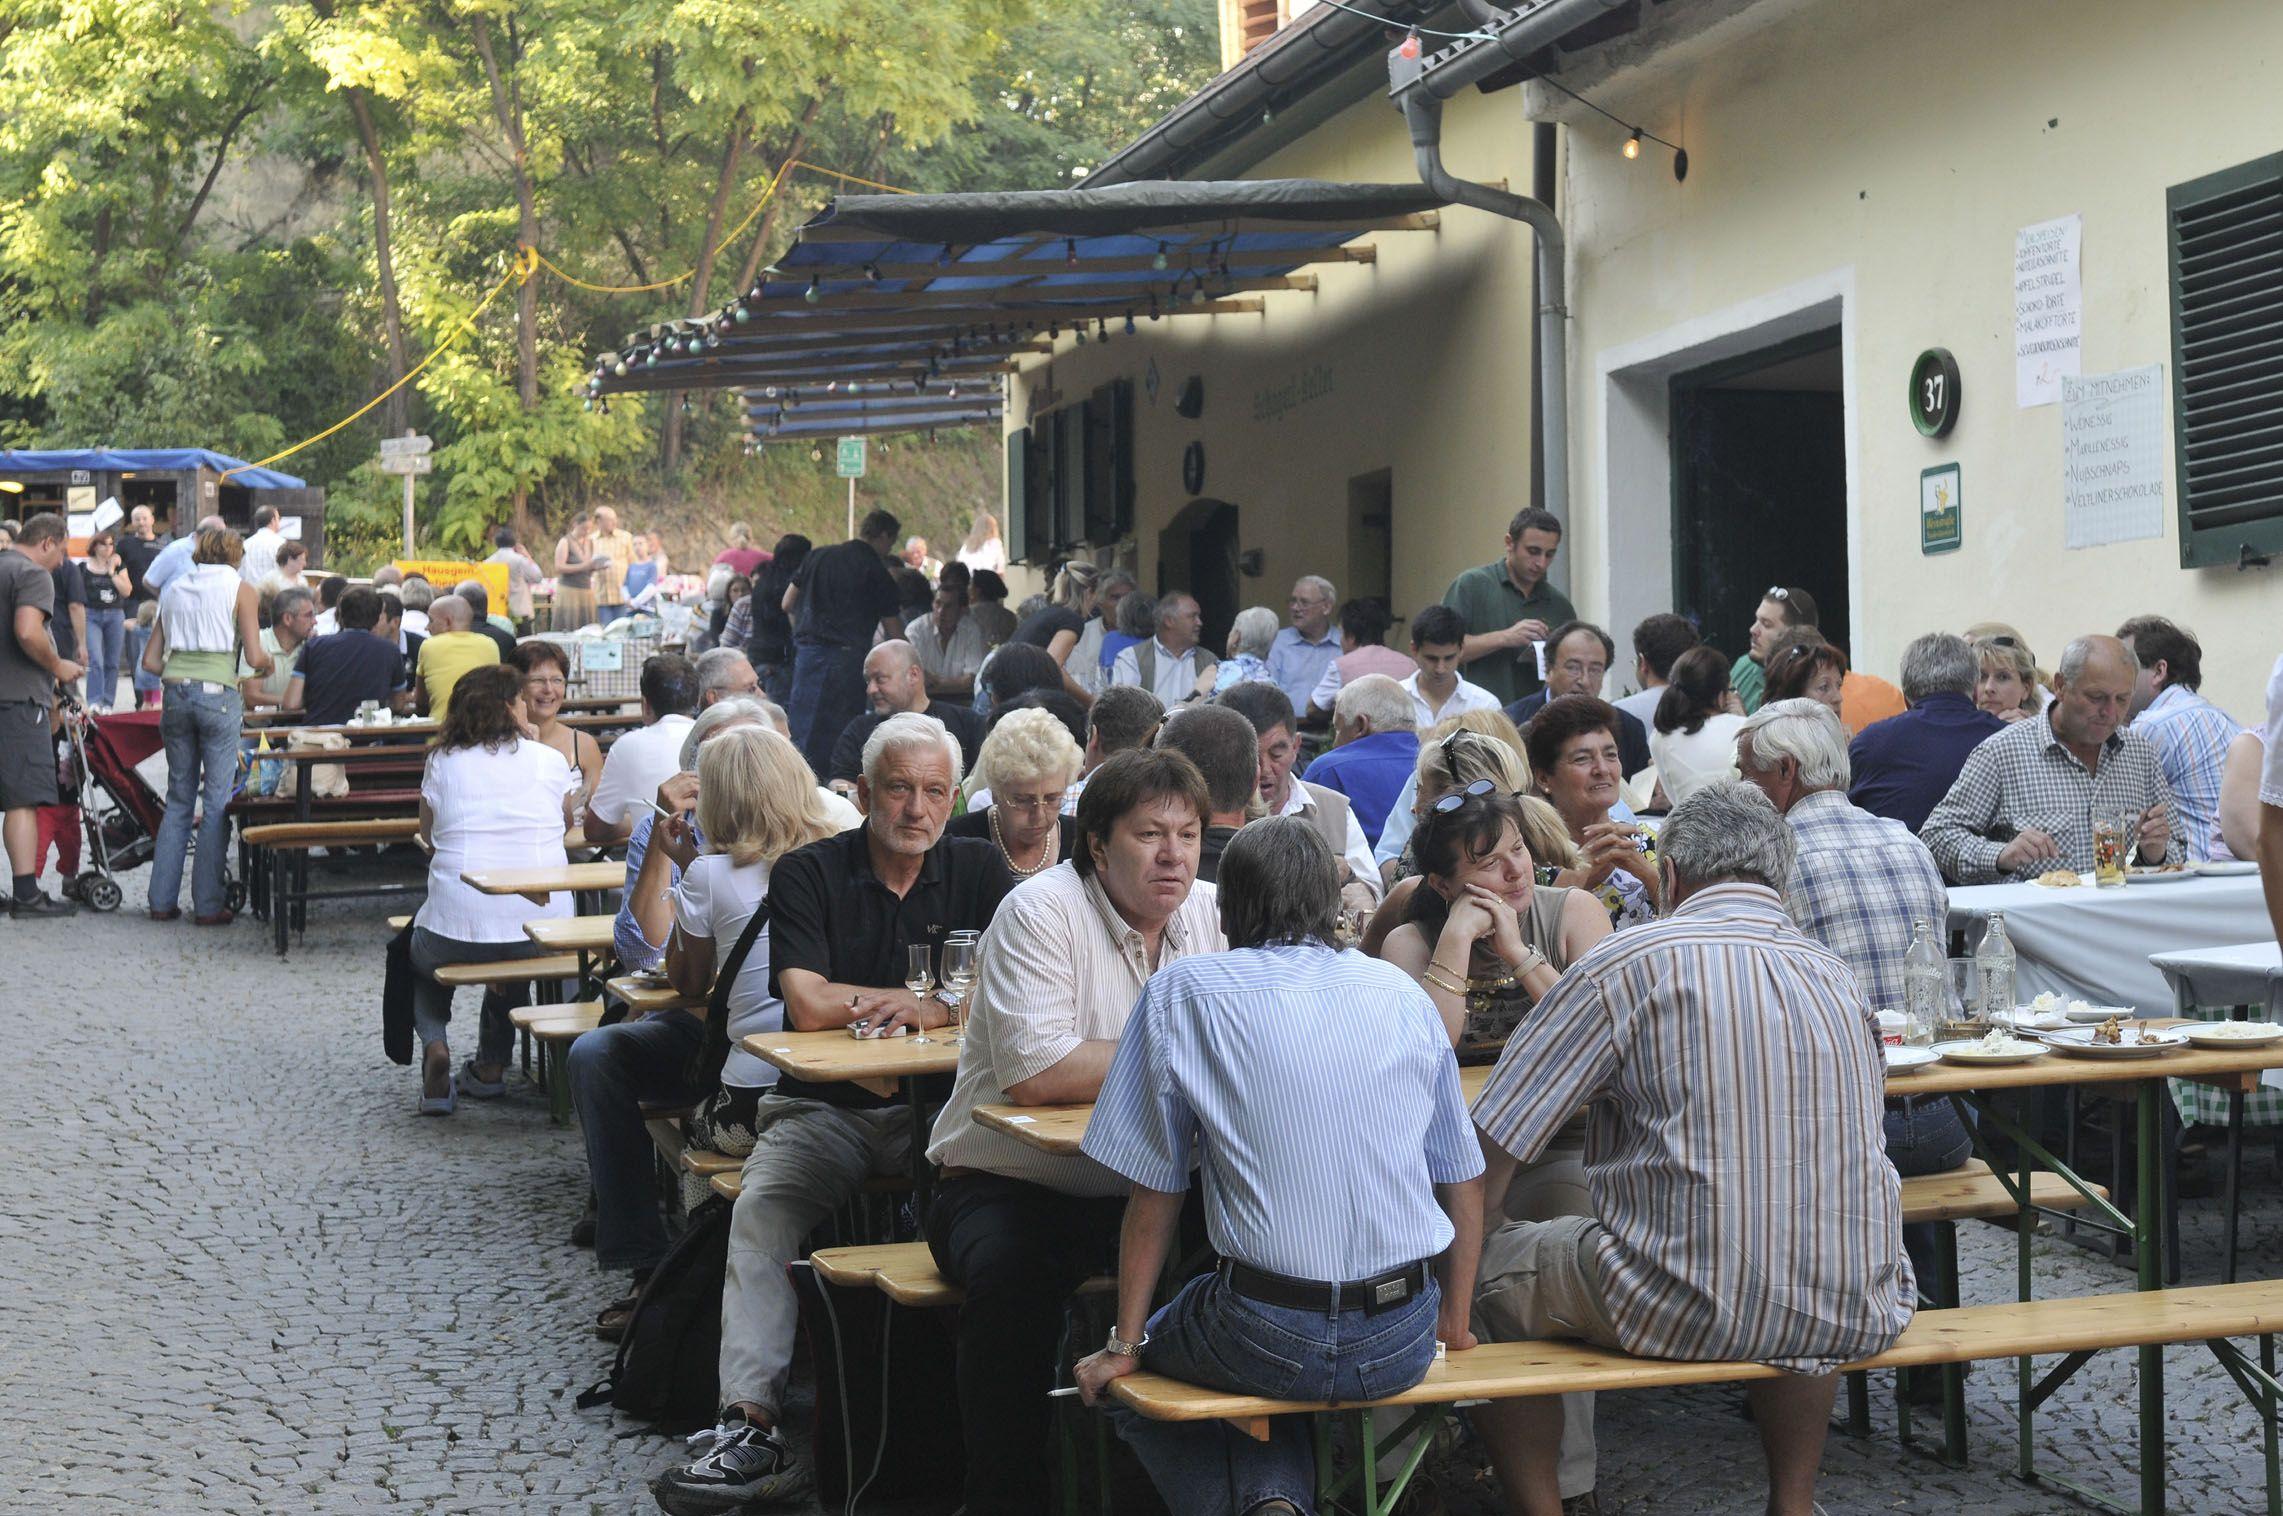 #weinherbst in Niederösterreich - Im Weinherbst Niederösterreich laden rund 100 Gemeinden Weinkenner und alle, die es noch werden wollen, zu einem gemütlichen Beisammensein ein. http://www.weinherbst.at   Copyright: Weinstraße Niederösterreich / Wolfgang Simlinger